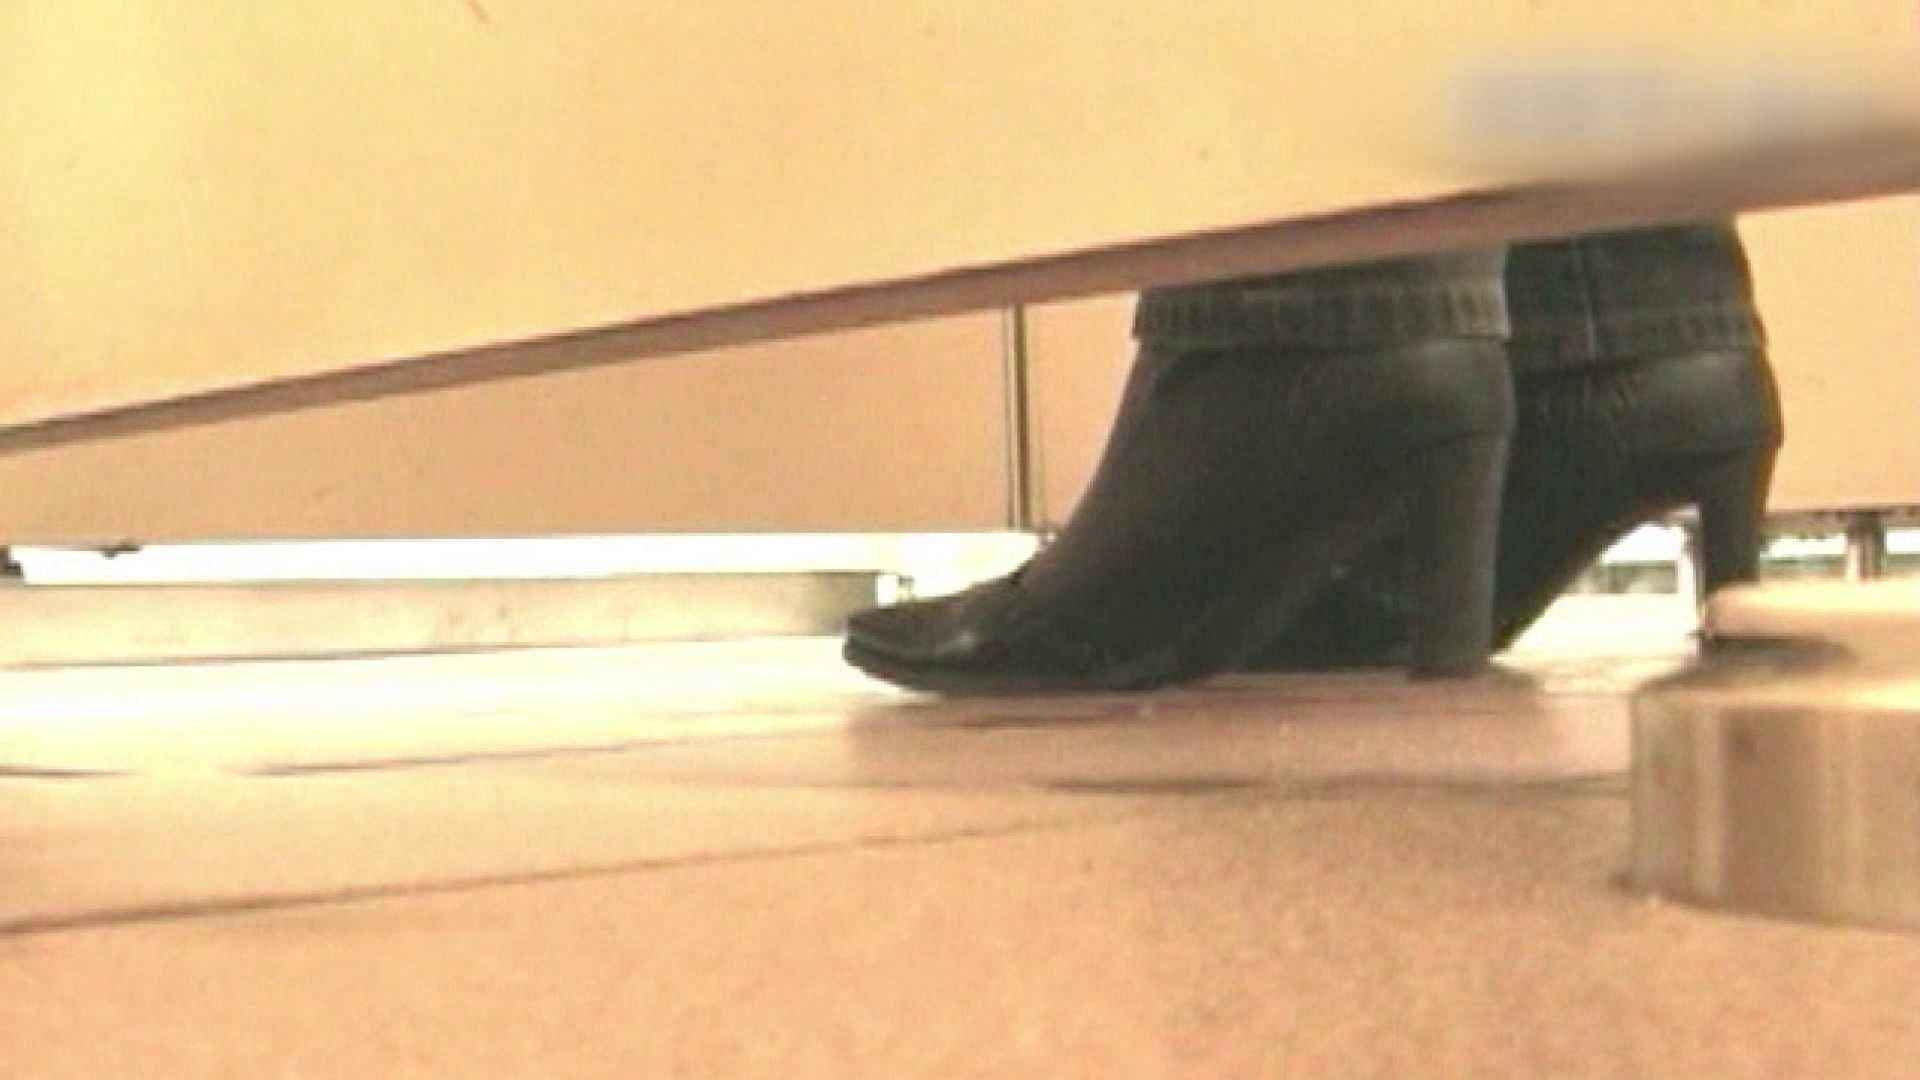 ロックハンドさんの盗撮記録File.24 盗撮師作品 | マンコ・ムレムレ  92pic 9